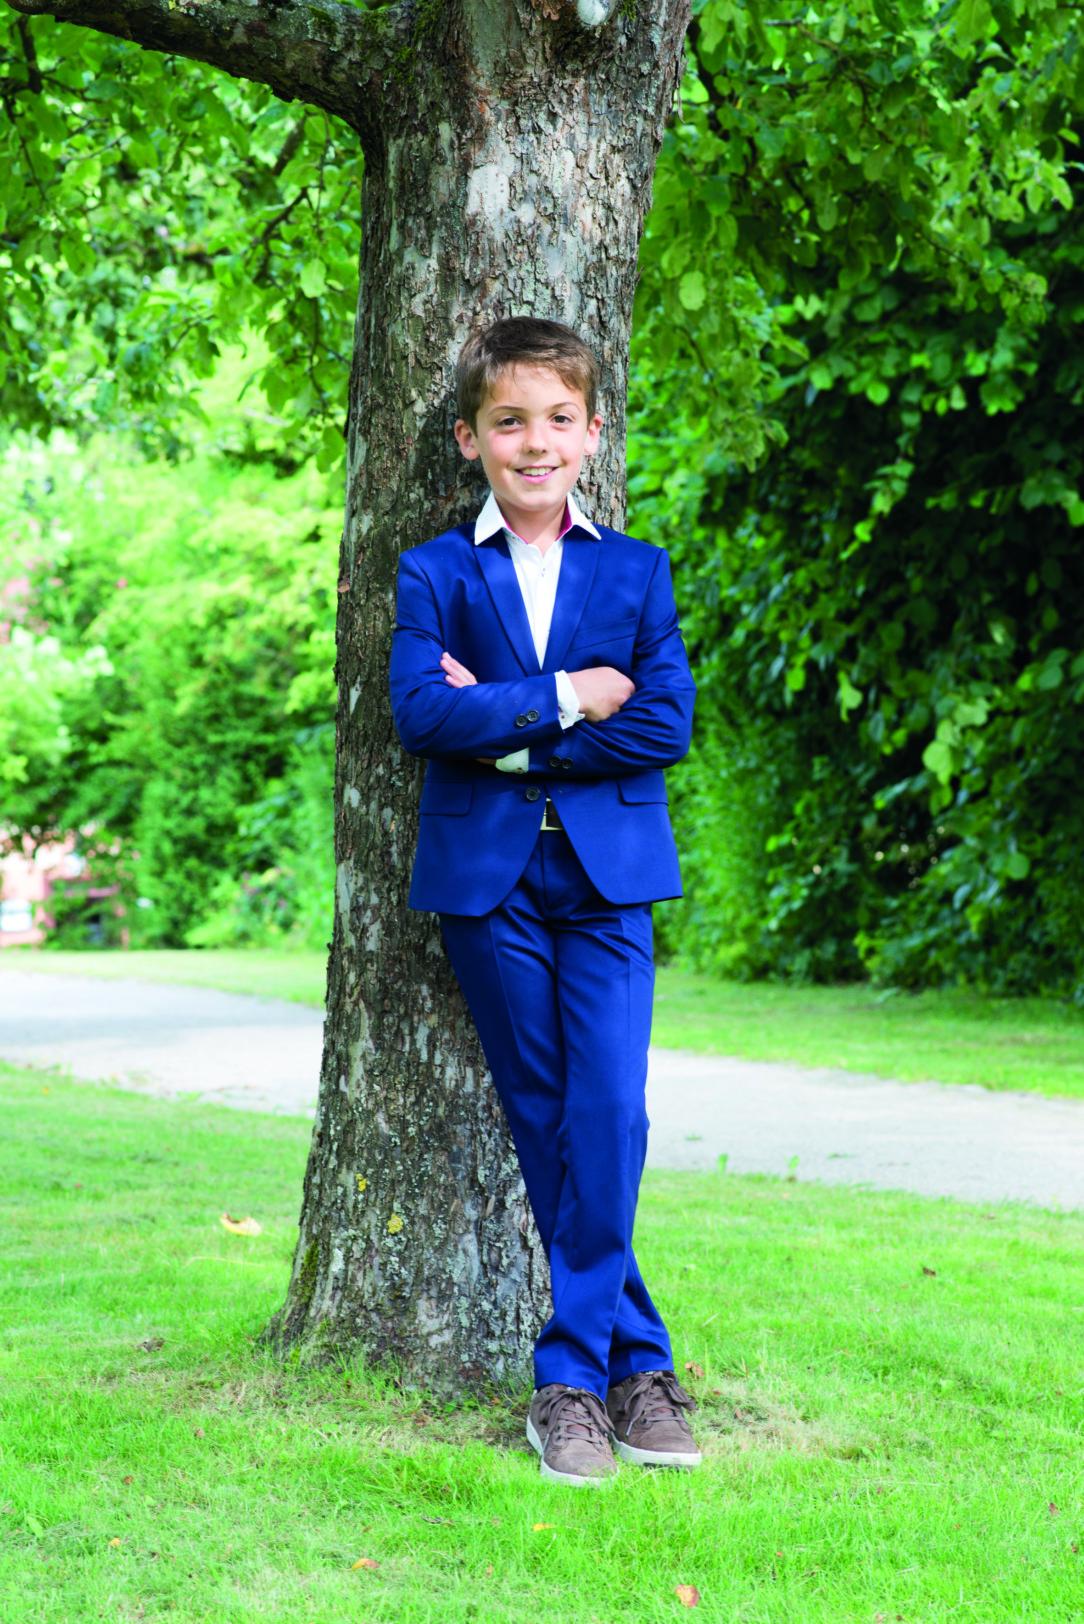 Kommunion Anzug für Jungen von Weise Junior - Modell 7217651. Auffälliger Kommunionanzug in Royalblau mit weißem Hemd.